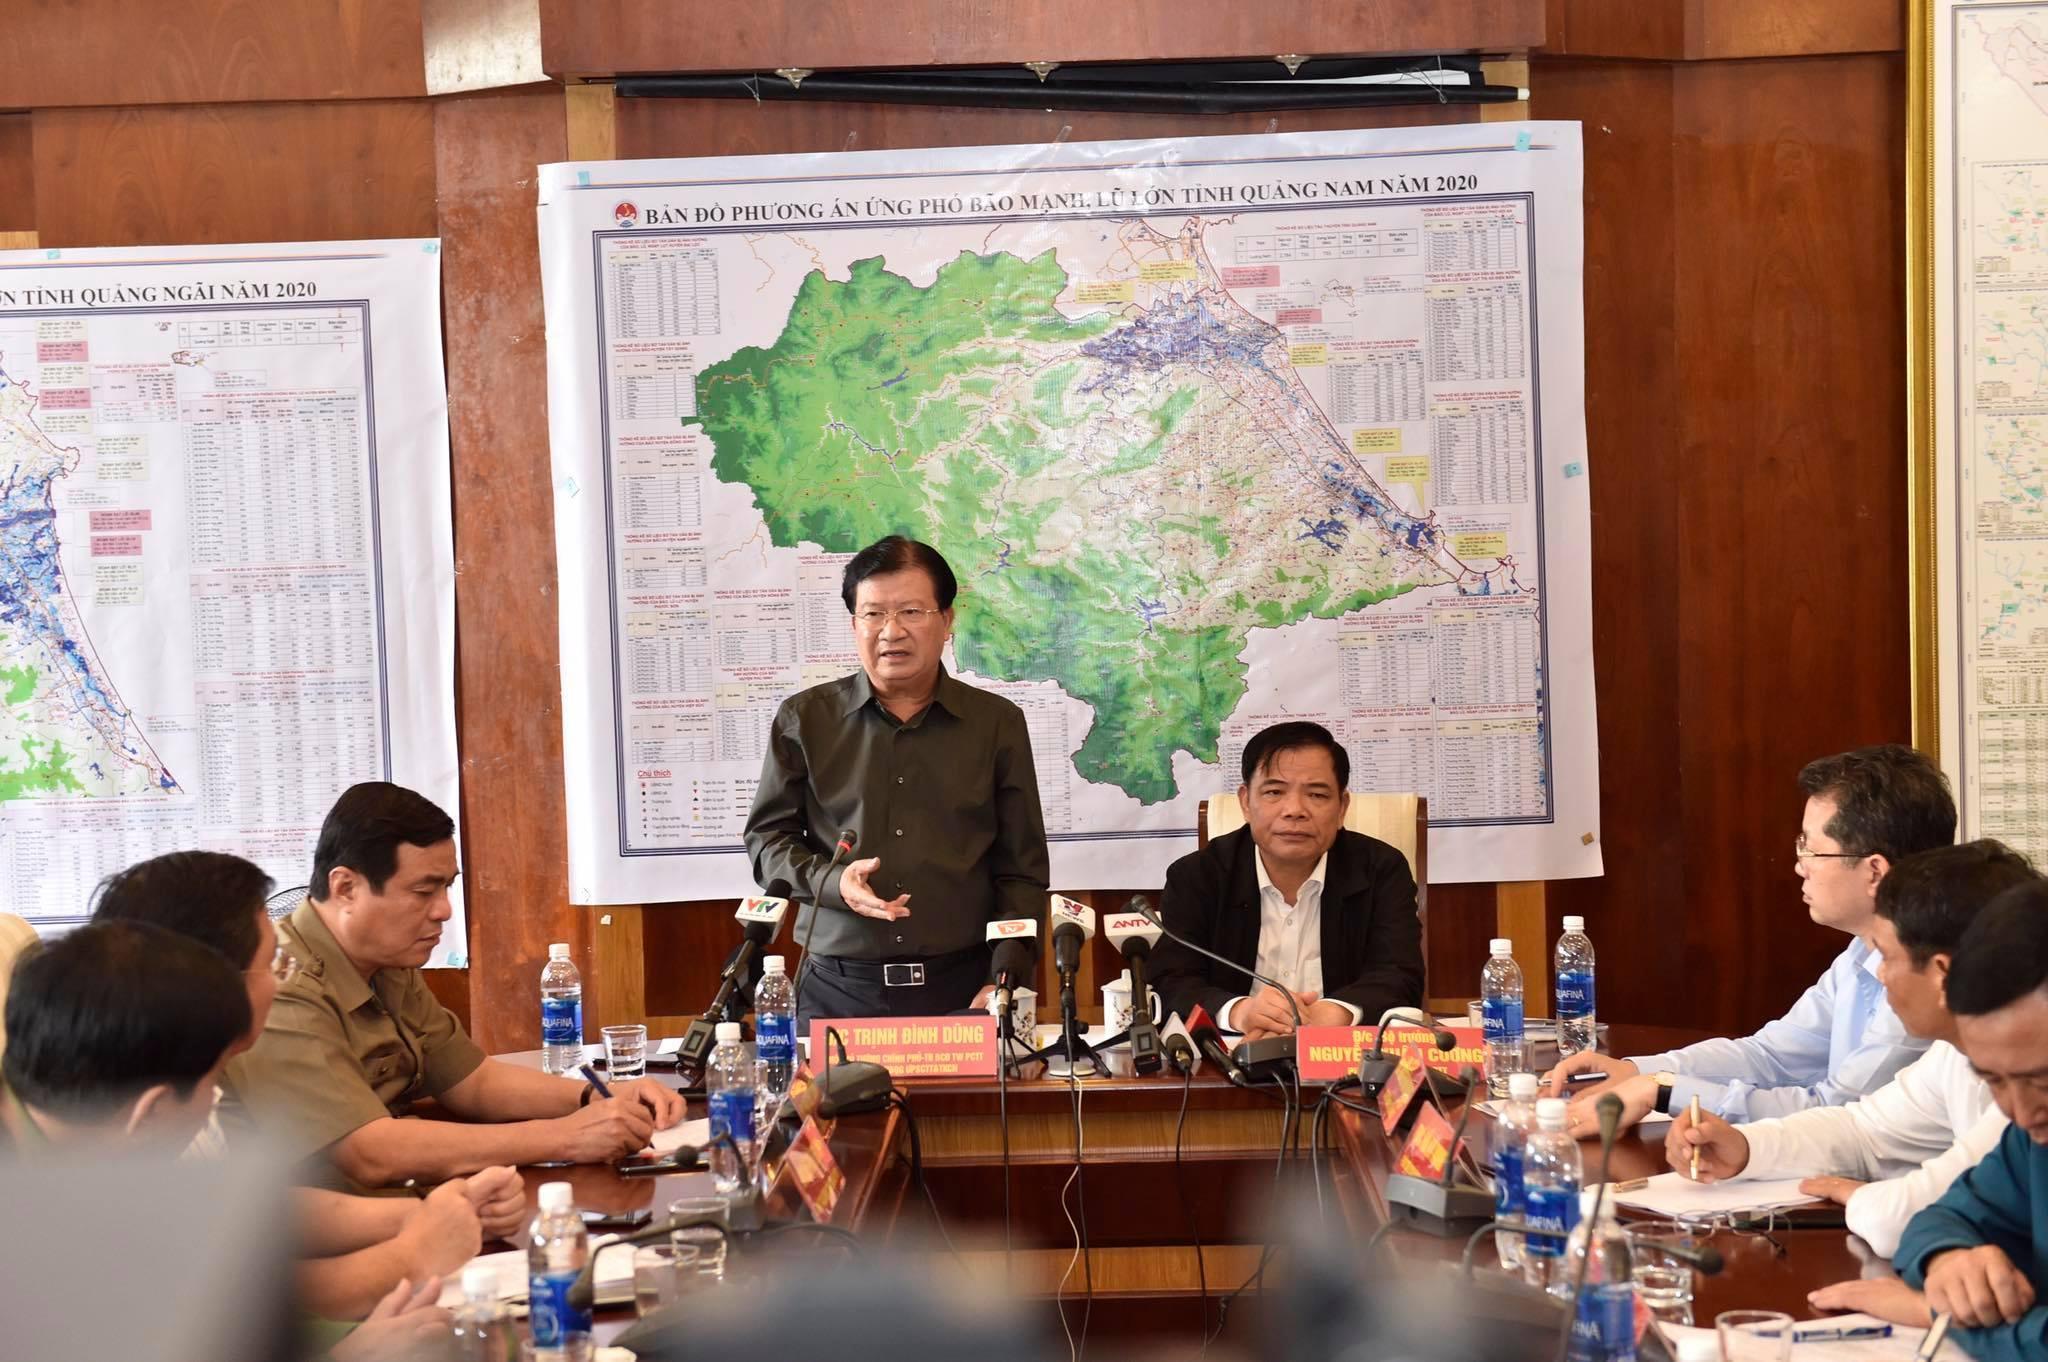 Sơ tán gần 500.000 người miền Trung do bão số 9 rất mạnh